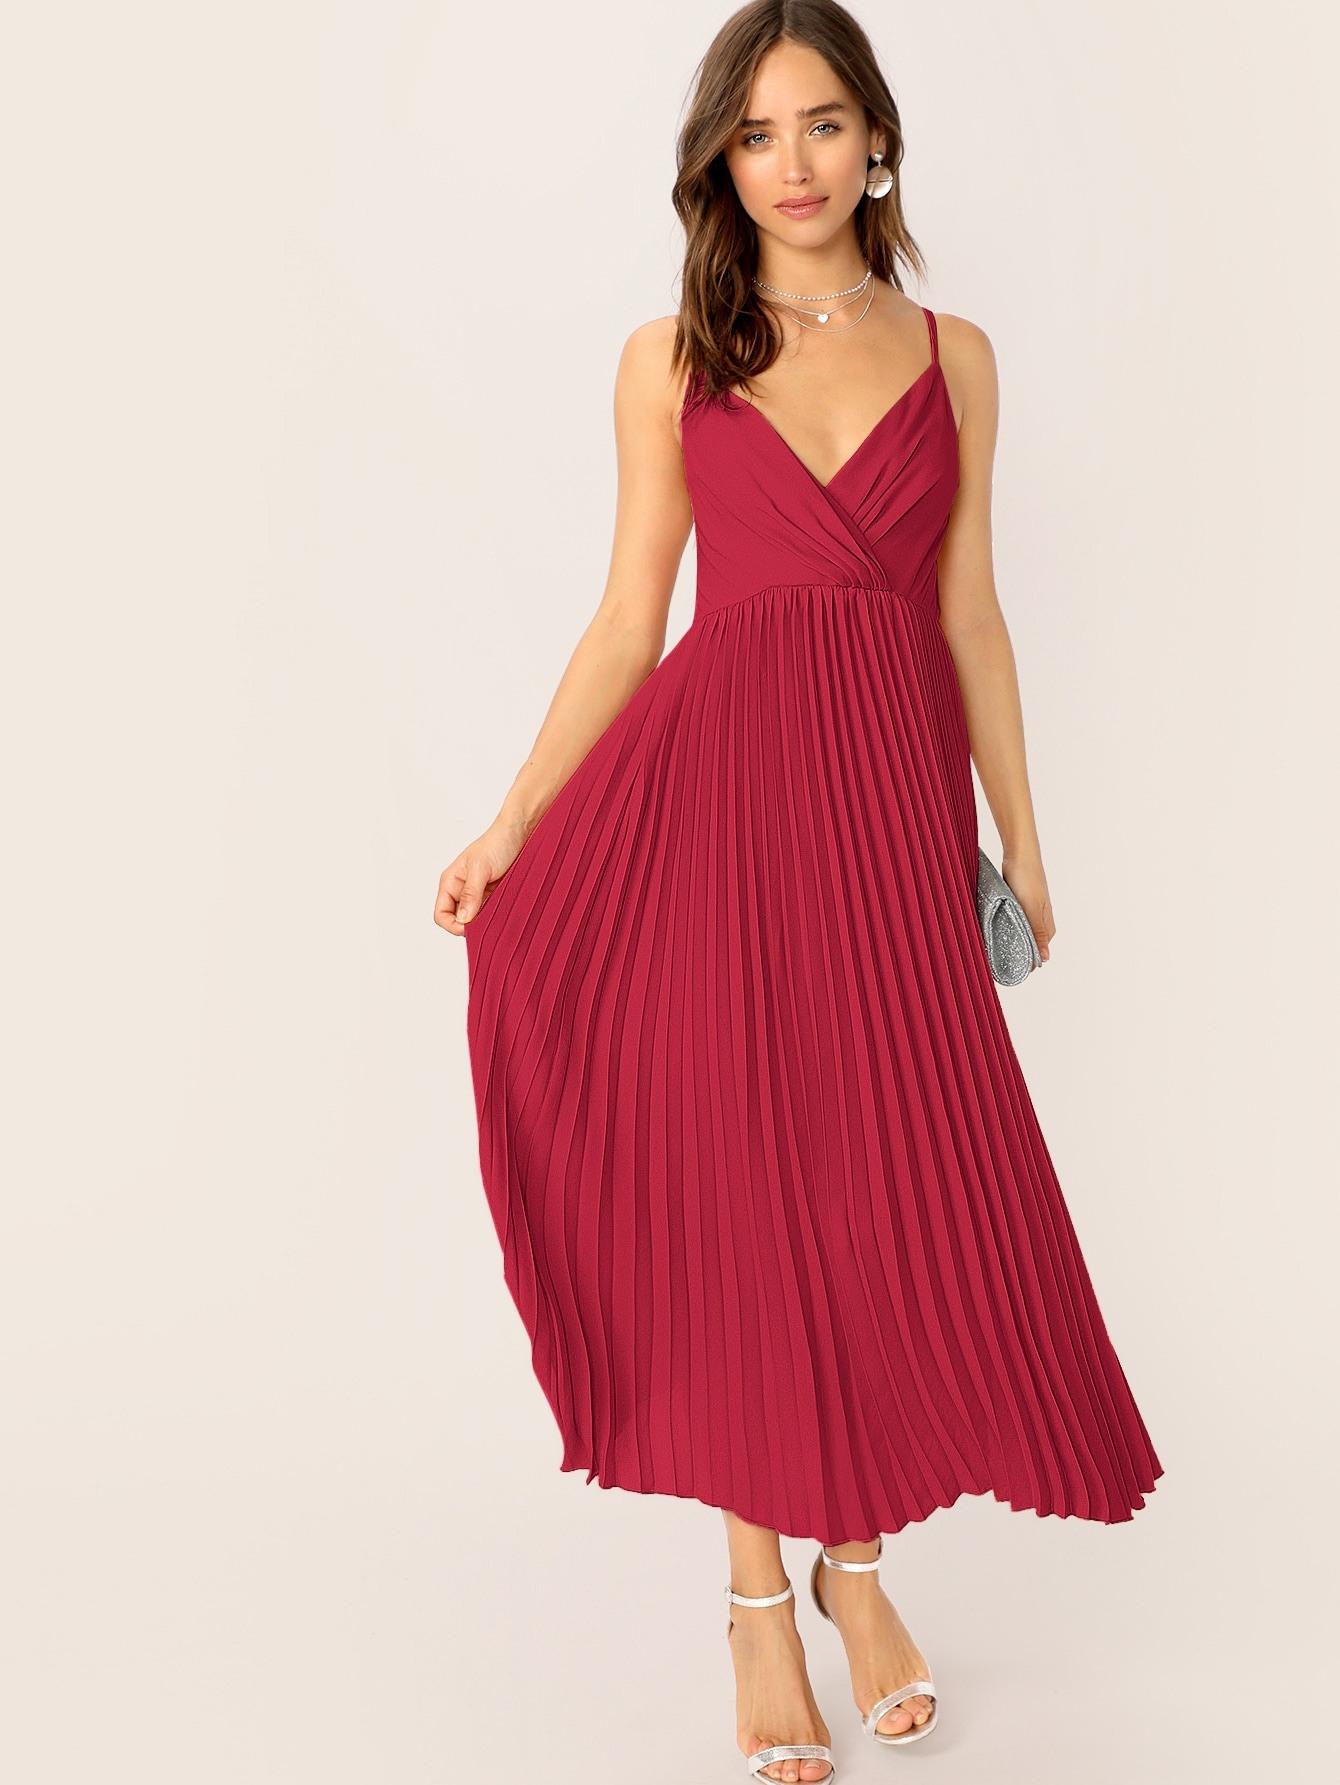 Cami Kleid Mit V Ausschnitt Und Plissee  Shein